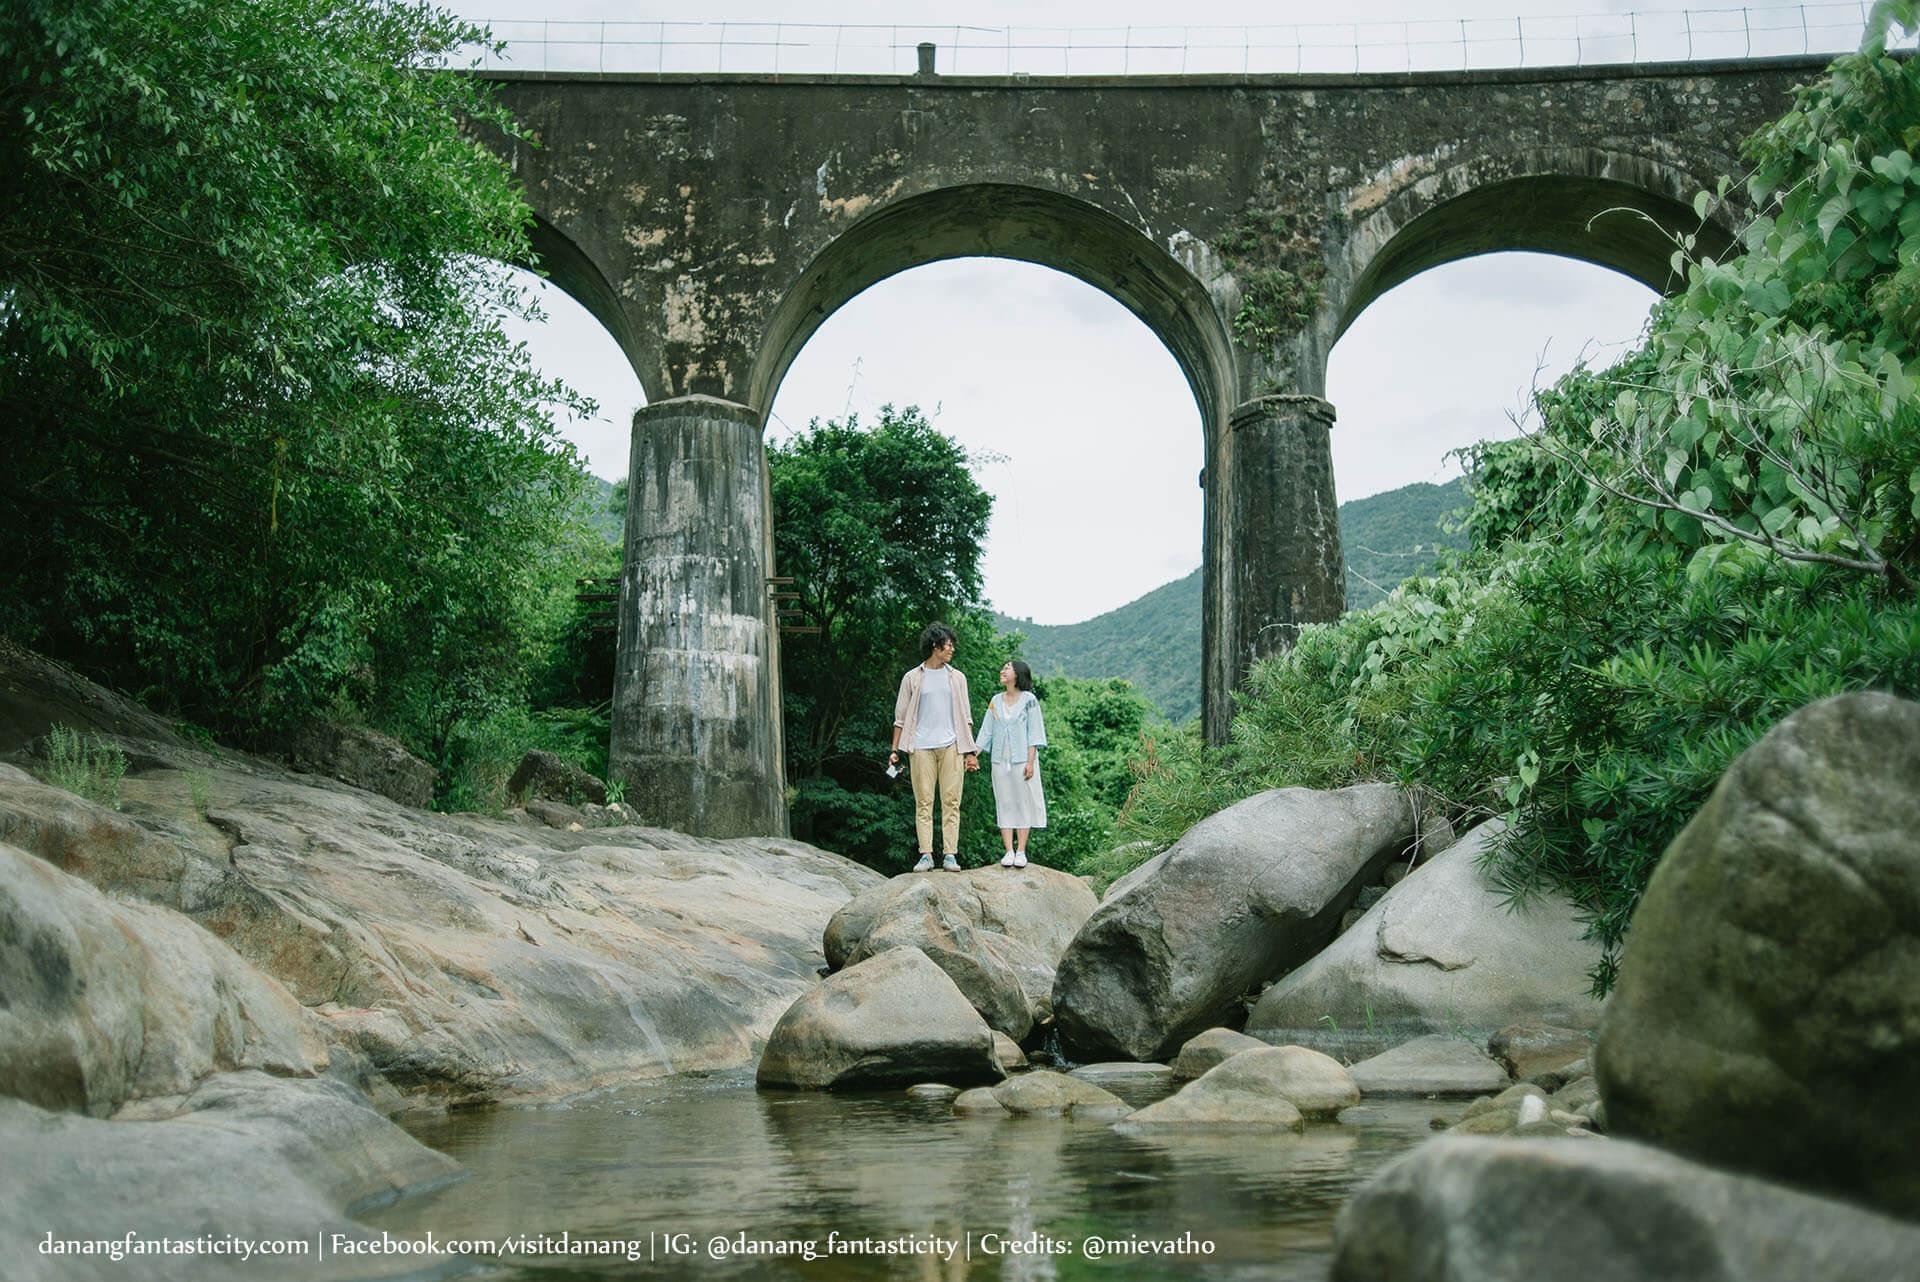 Cầu vòm Đồn Cả đẹp như trong phim